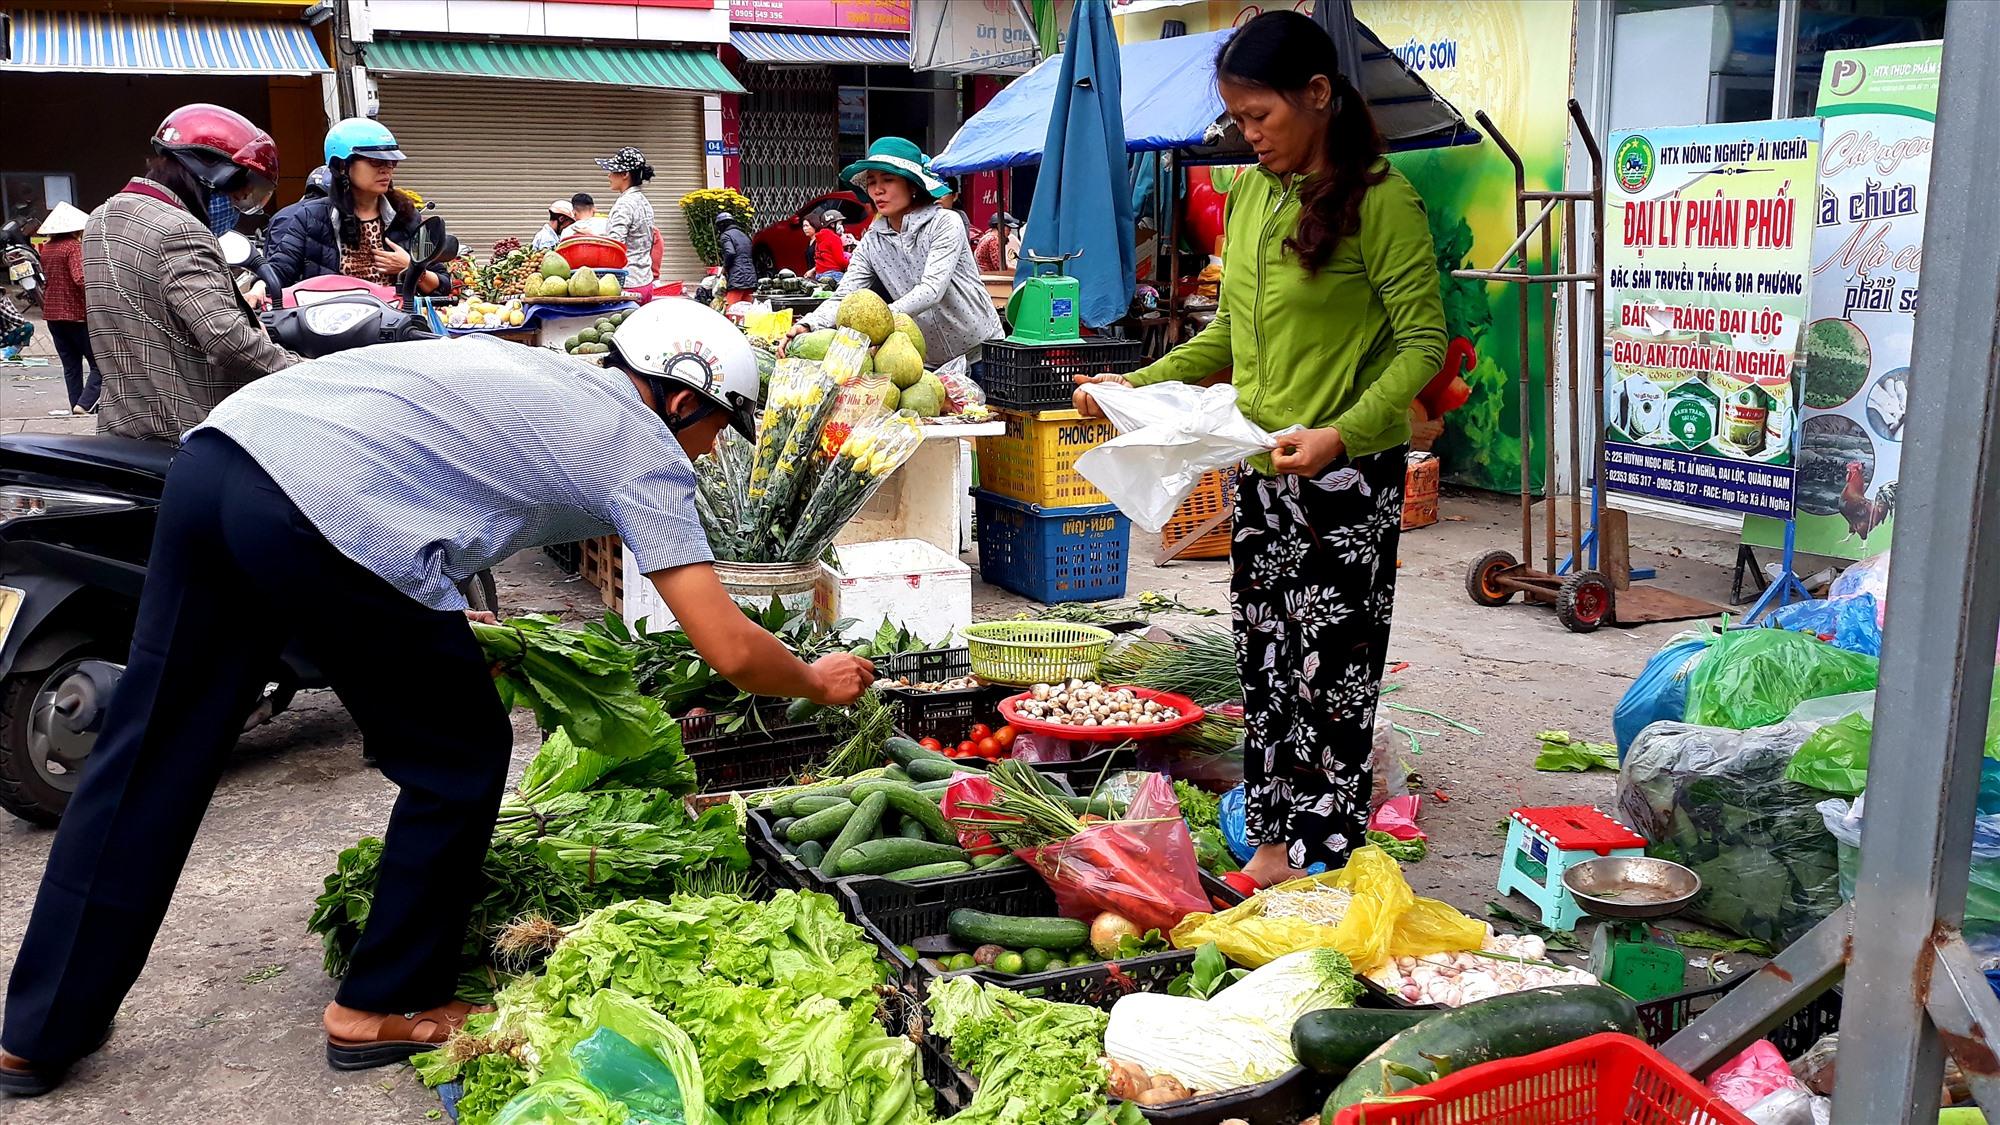 Nhiều mặt hàng trong nhóm thực phẩm giảm sâu khiến CPI tháng 2 giảm. Ảnh: C.N